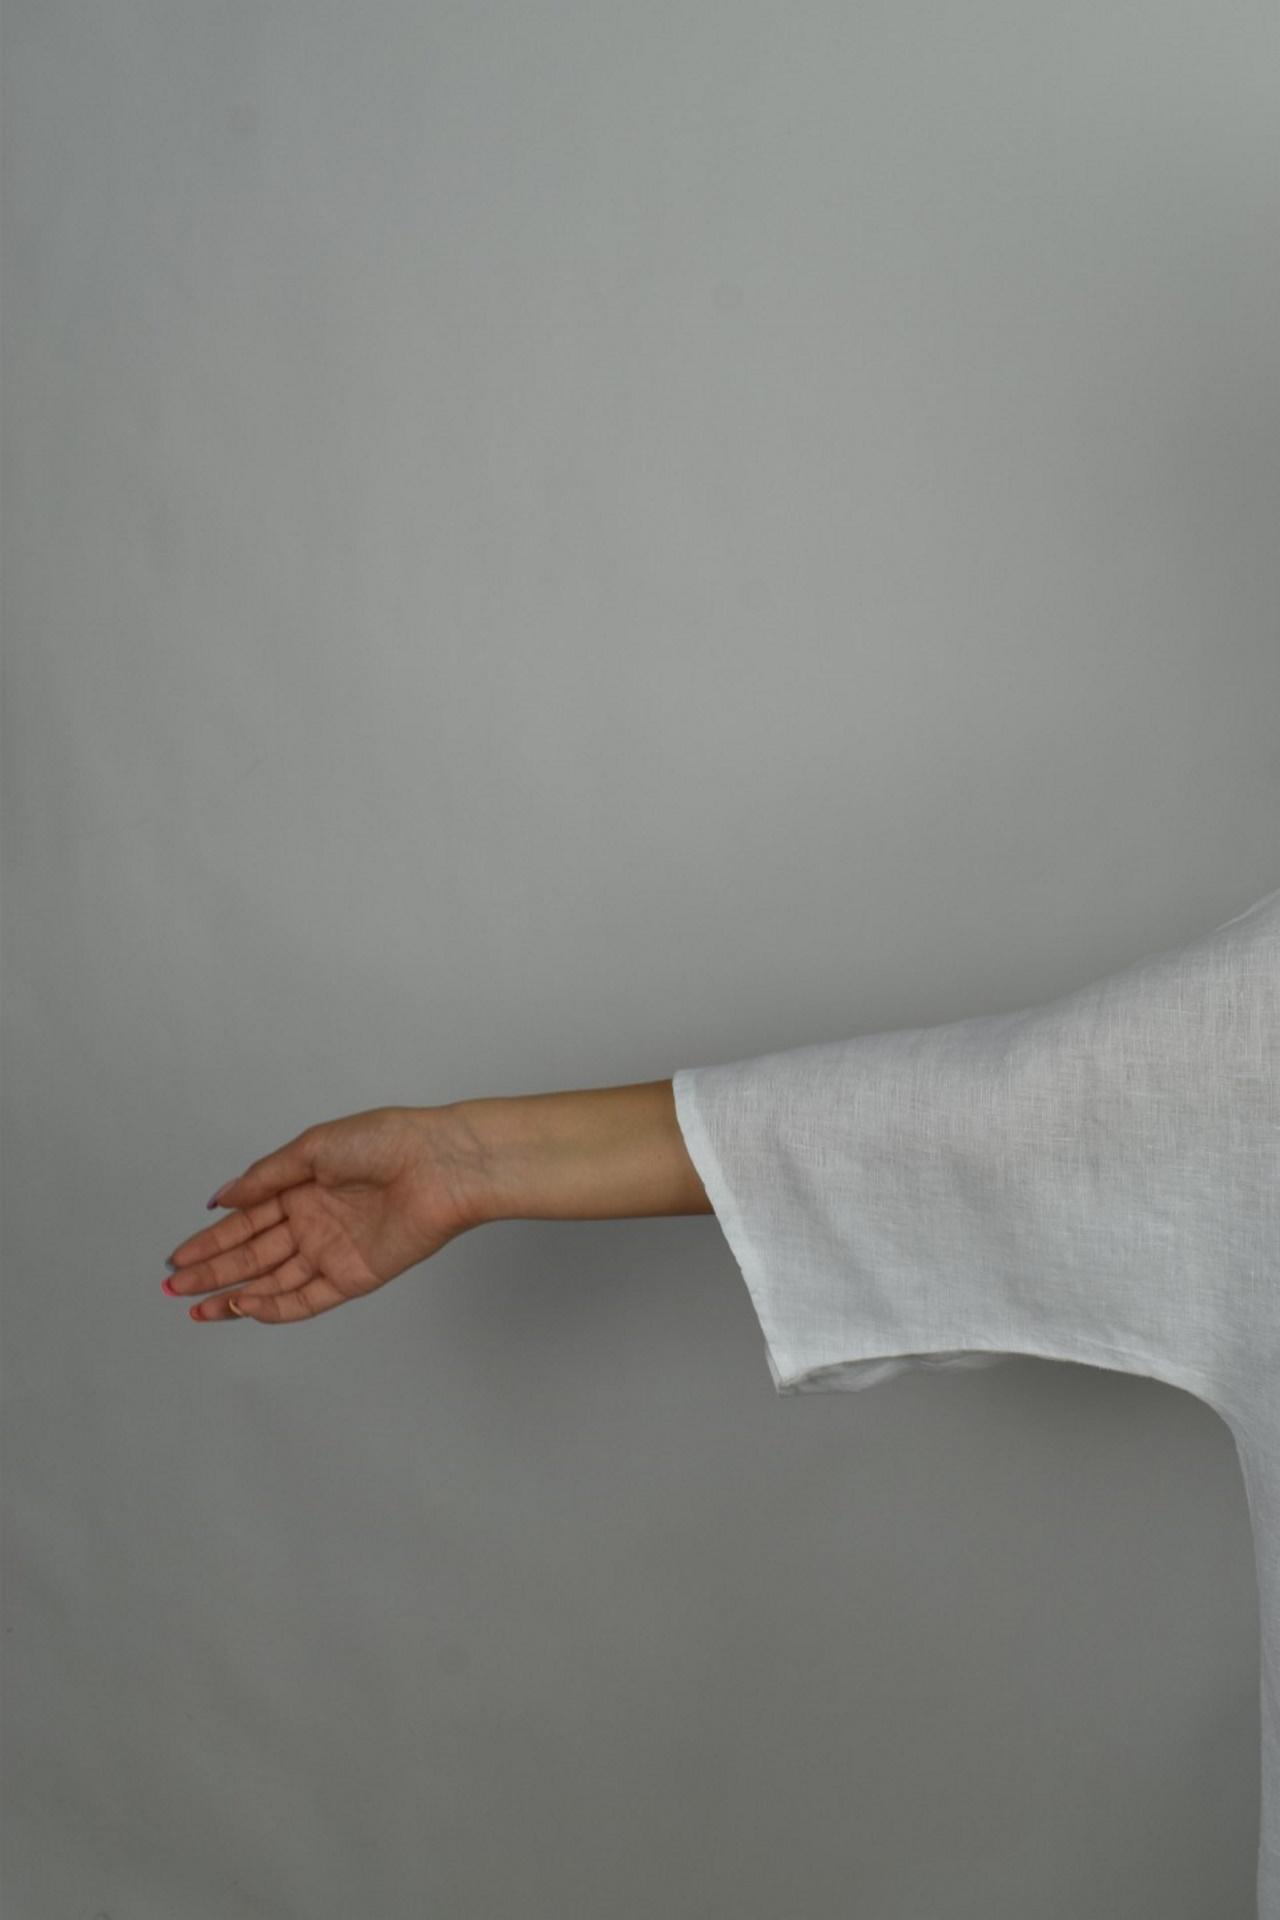 MAGMAXPE2101 BIANCO MAGLIA DA DONNA GIROCOLLO CON MANICA A 34 100 LINO 4 1stAmerican maglia da donna girocollo con manica a 3/4 100% lino Made in Italy - t-shirt manica corta da donna mare in lino